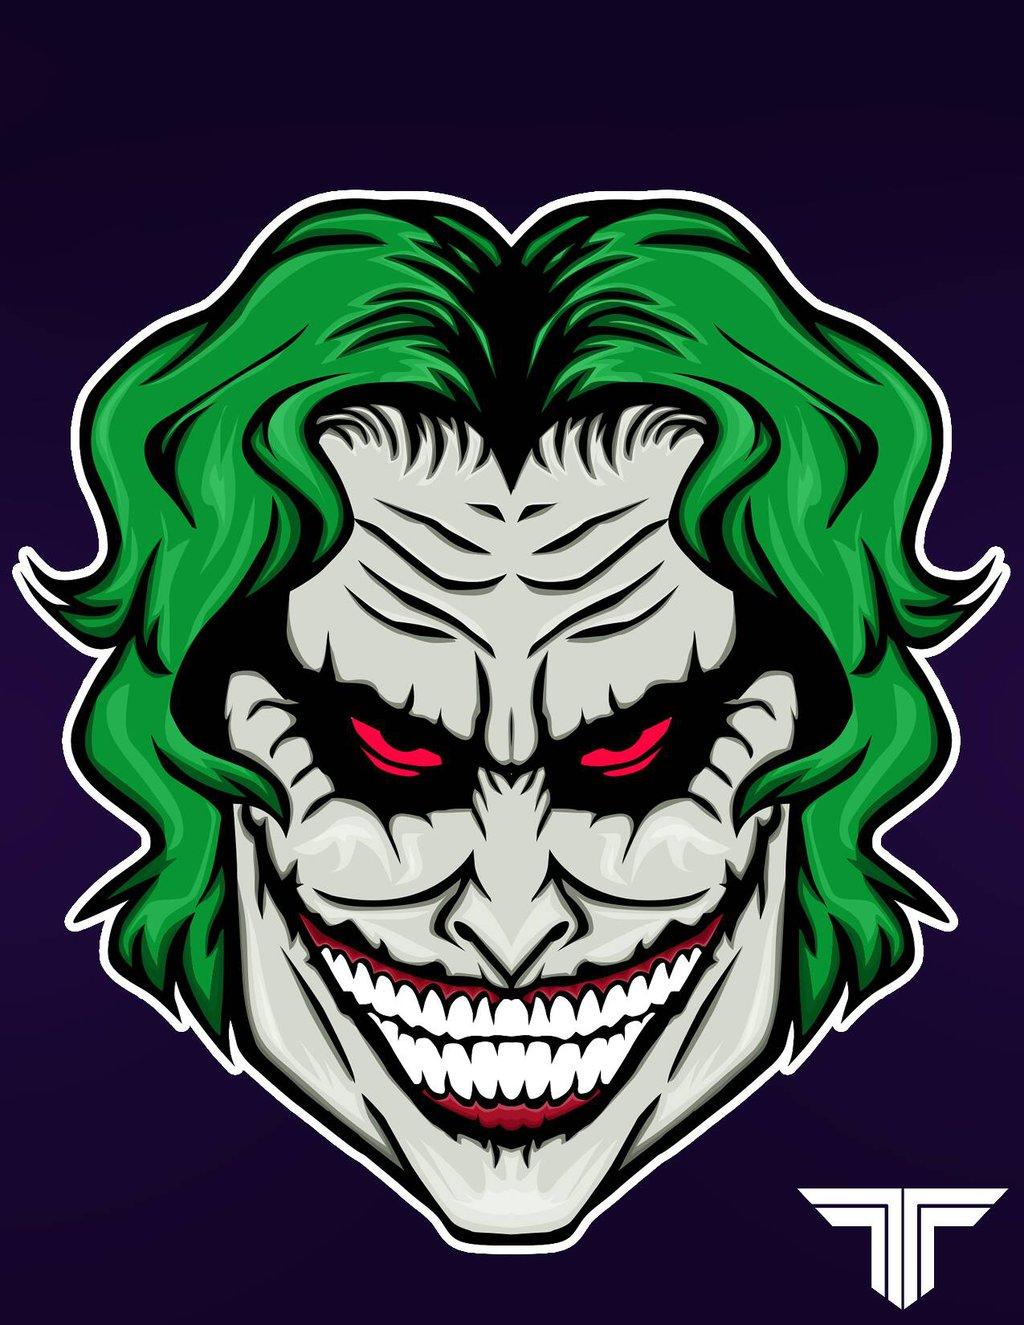 1024x1325 Joker Vector 6 An Images Hub